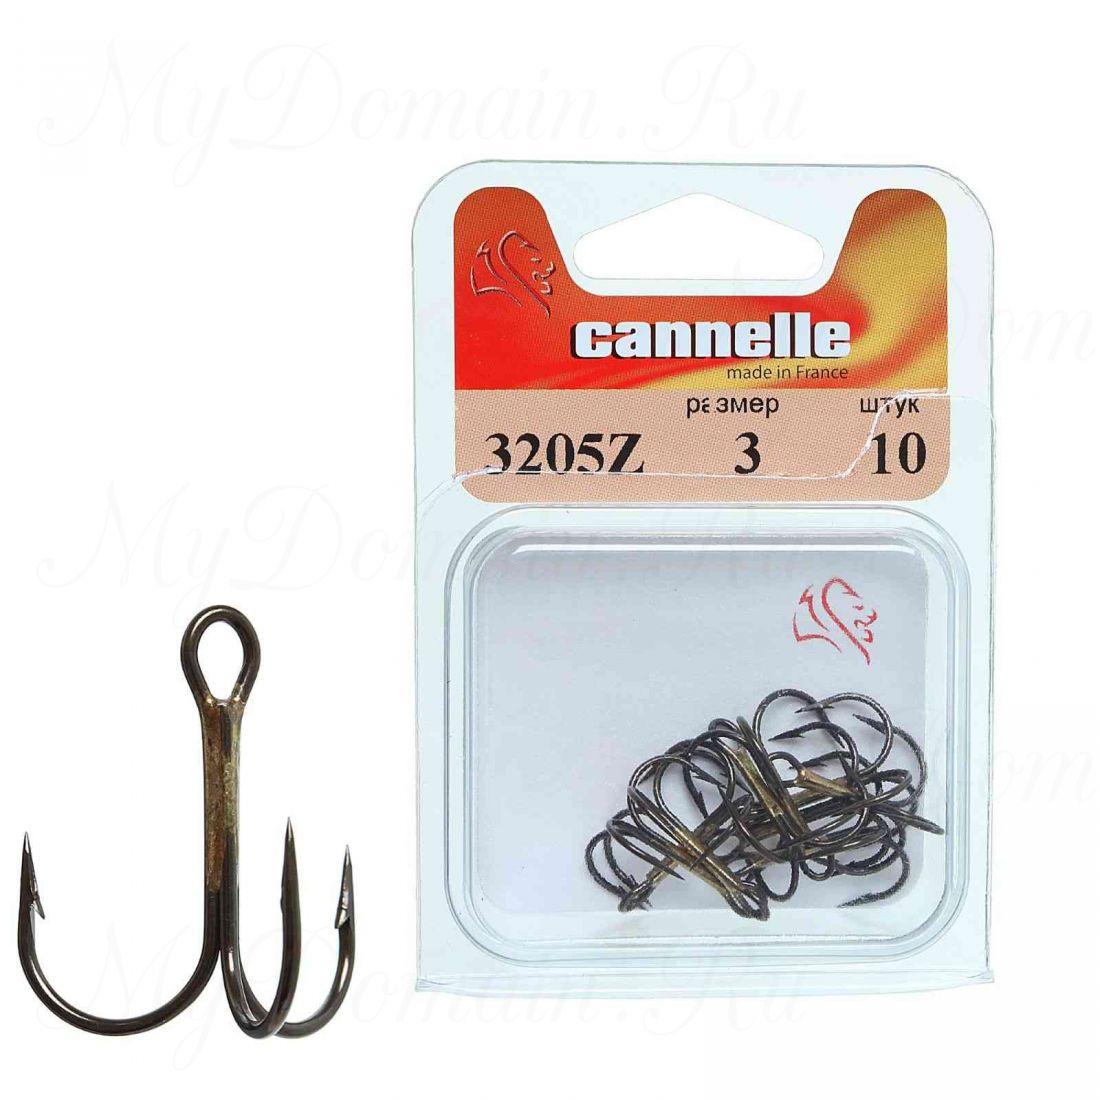 Тройник Cannelle 3205 N № 4 уп. 100 шт. (никель,круглый поддев,стандартный тройник,средняя проволока)